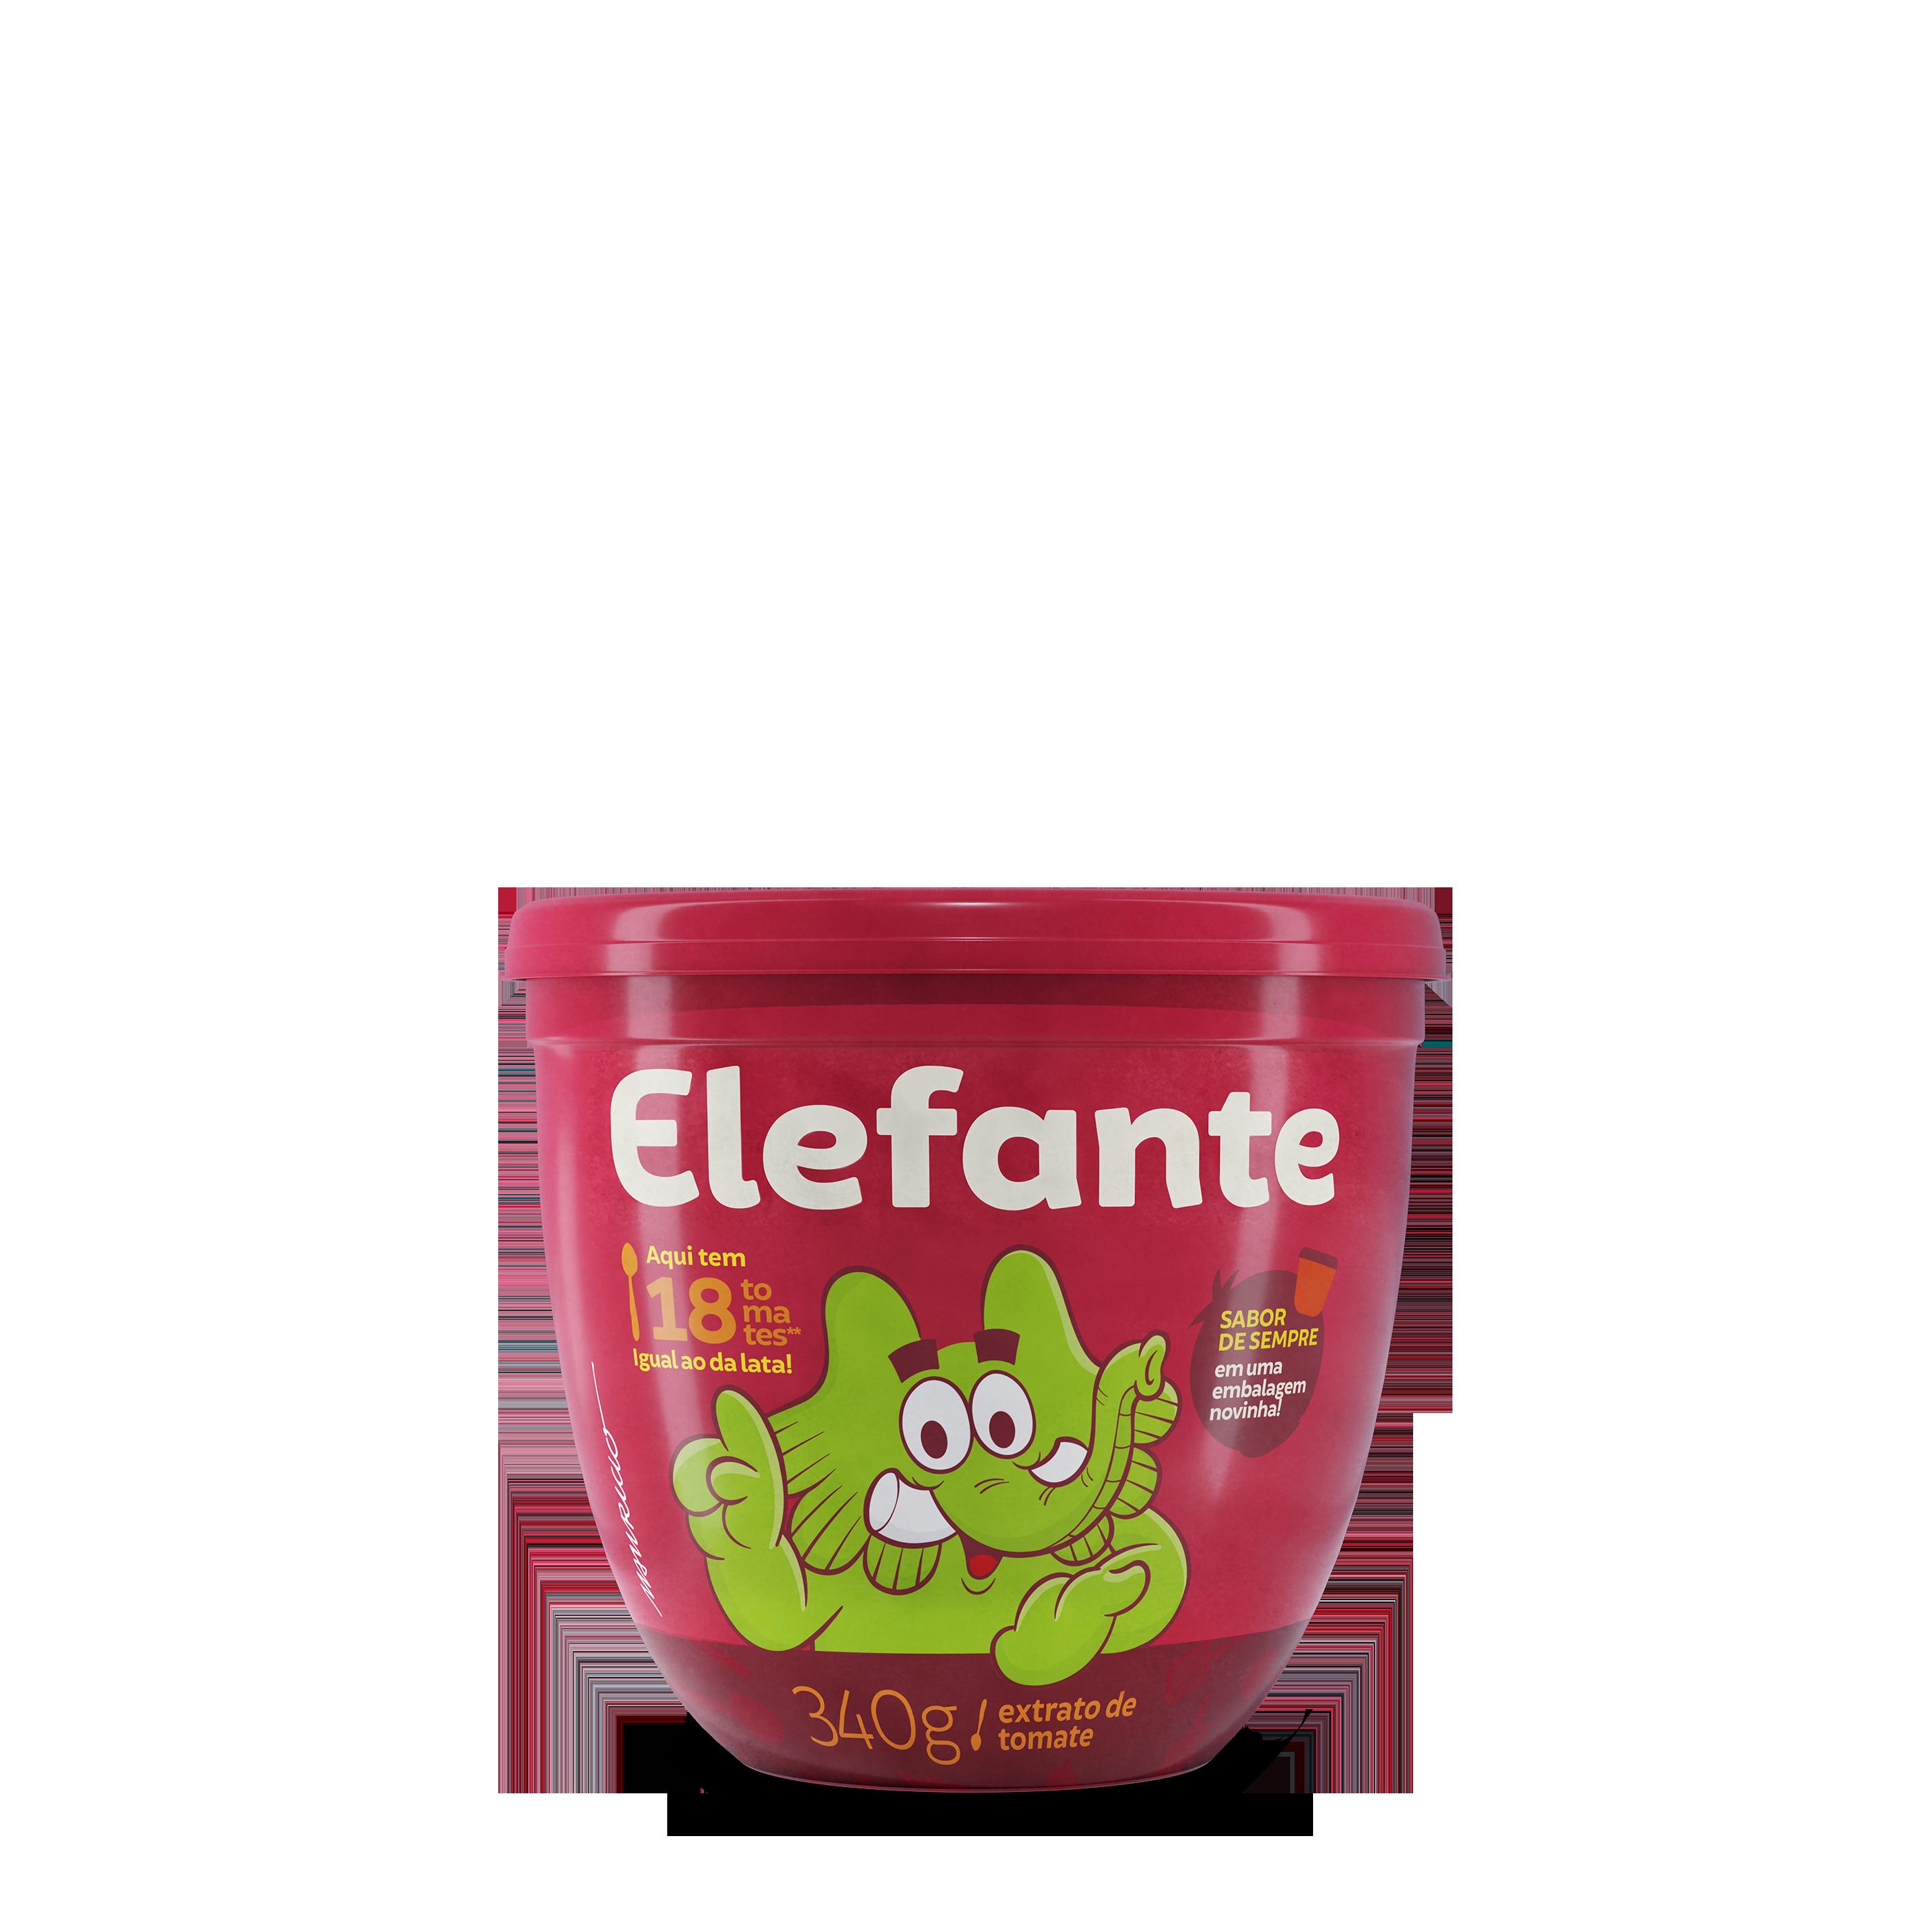 ELEFANTE EXTRATO TOMATE POTE 1X340G (24)